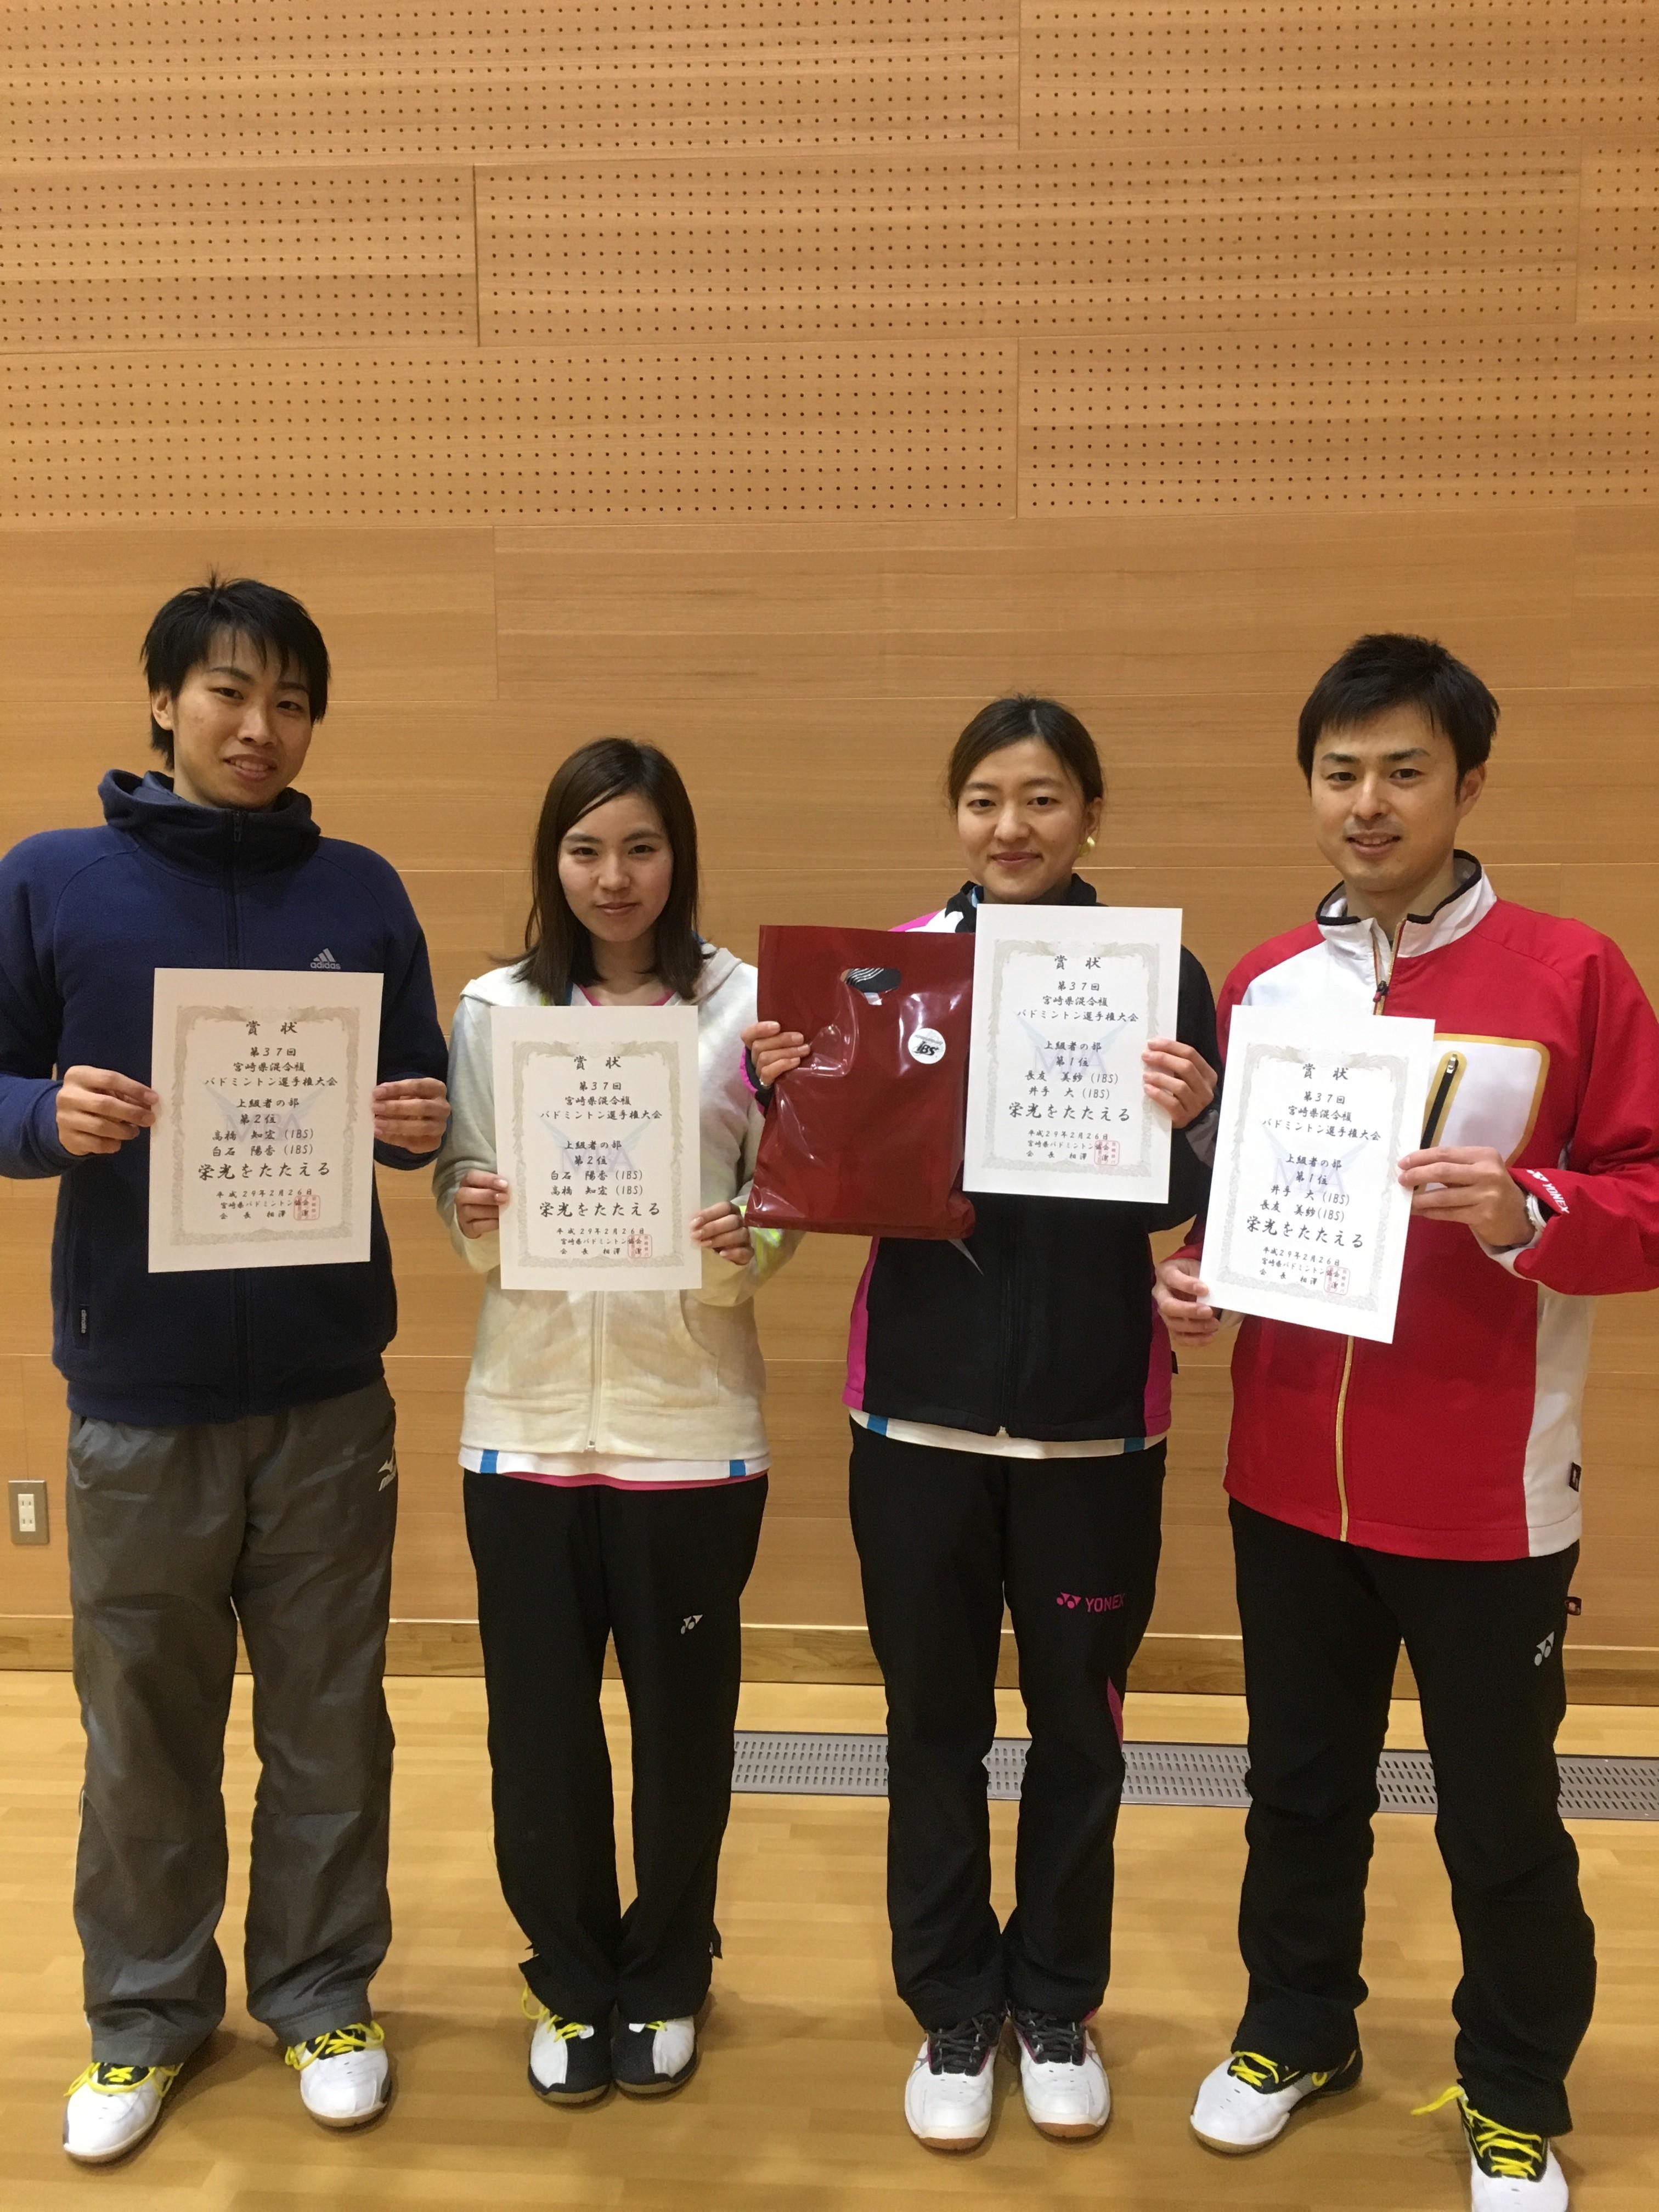 第37回宮崎県混合複バドミントン選手権大会